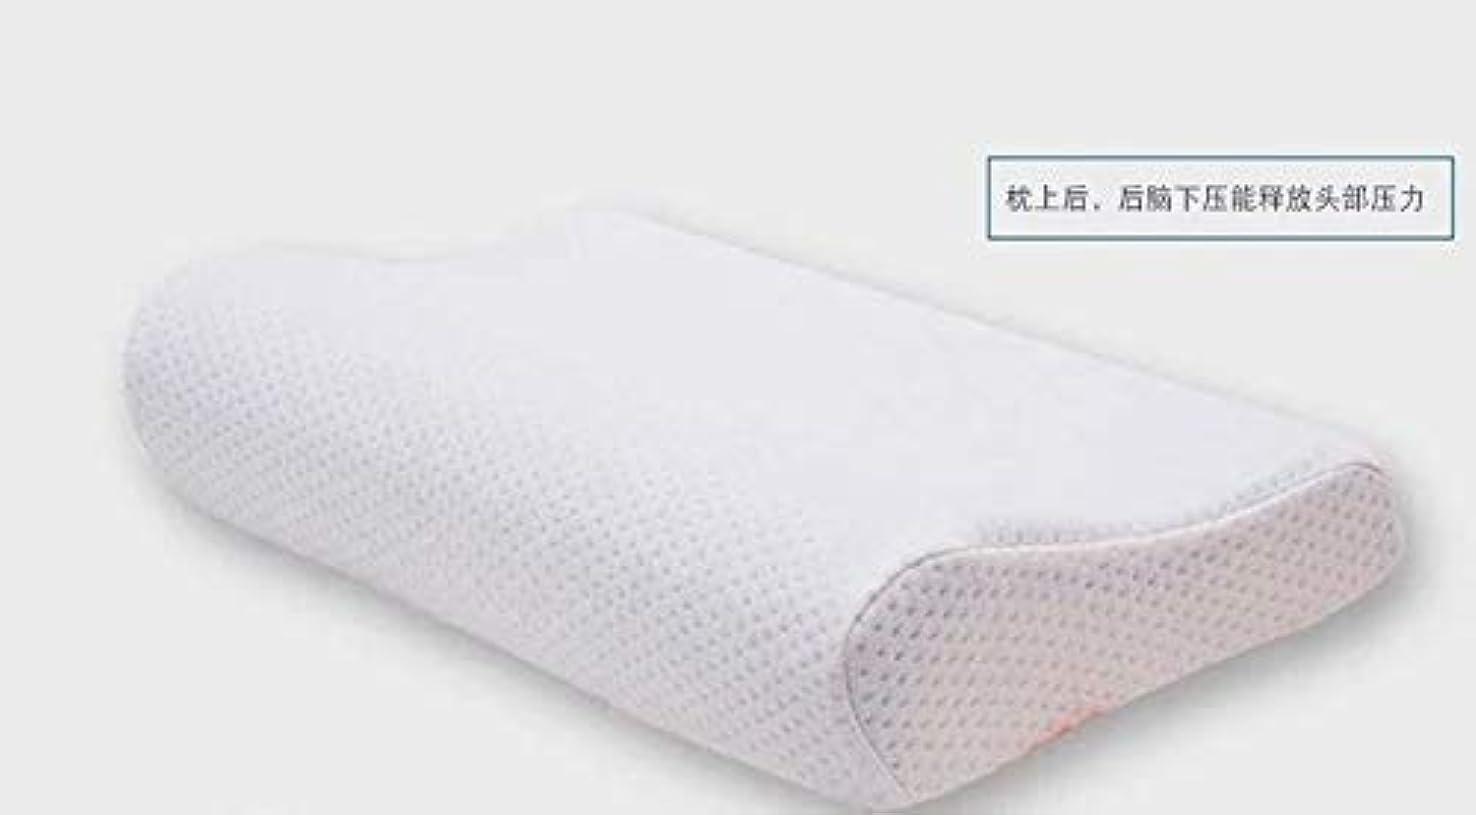 ラダ受け入れるがっかりするNOTE 30×50センチメモリ泡整形外科睡眠青い冷却ゲルベッドメモリ綿ヒドロゲルネックハイエンド枕クッション